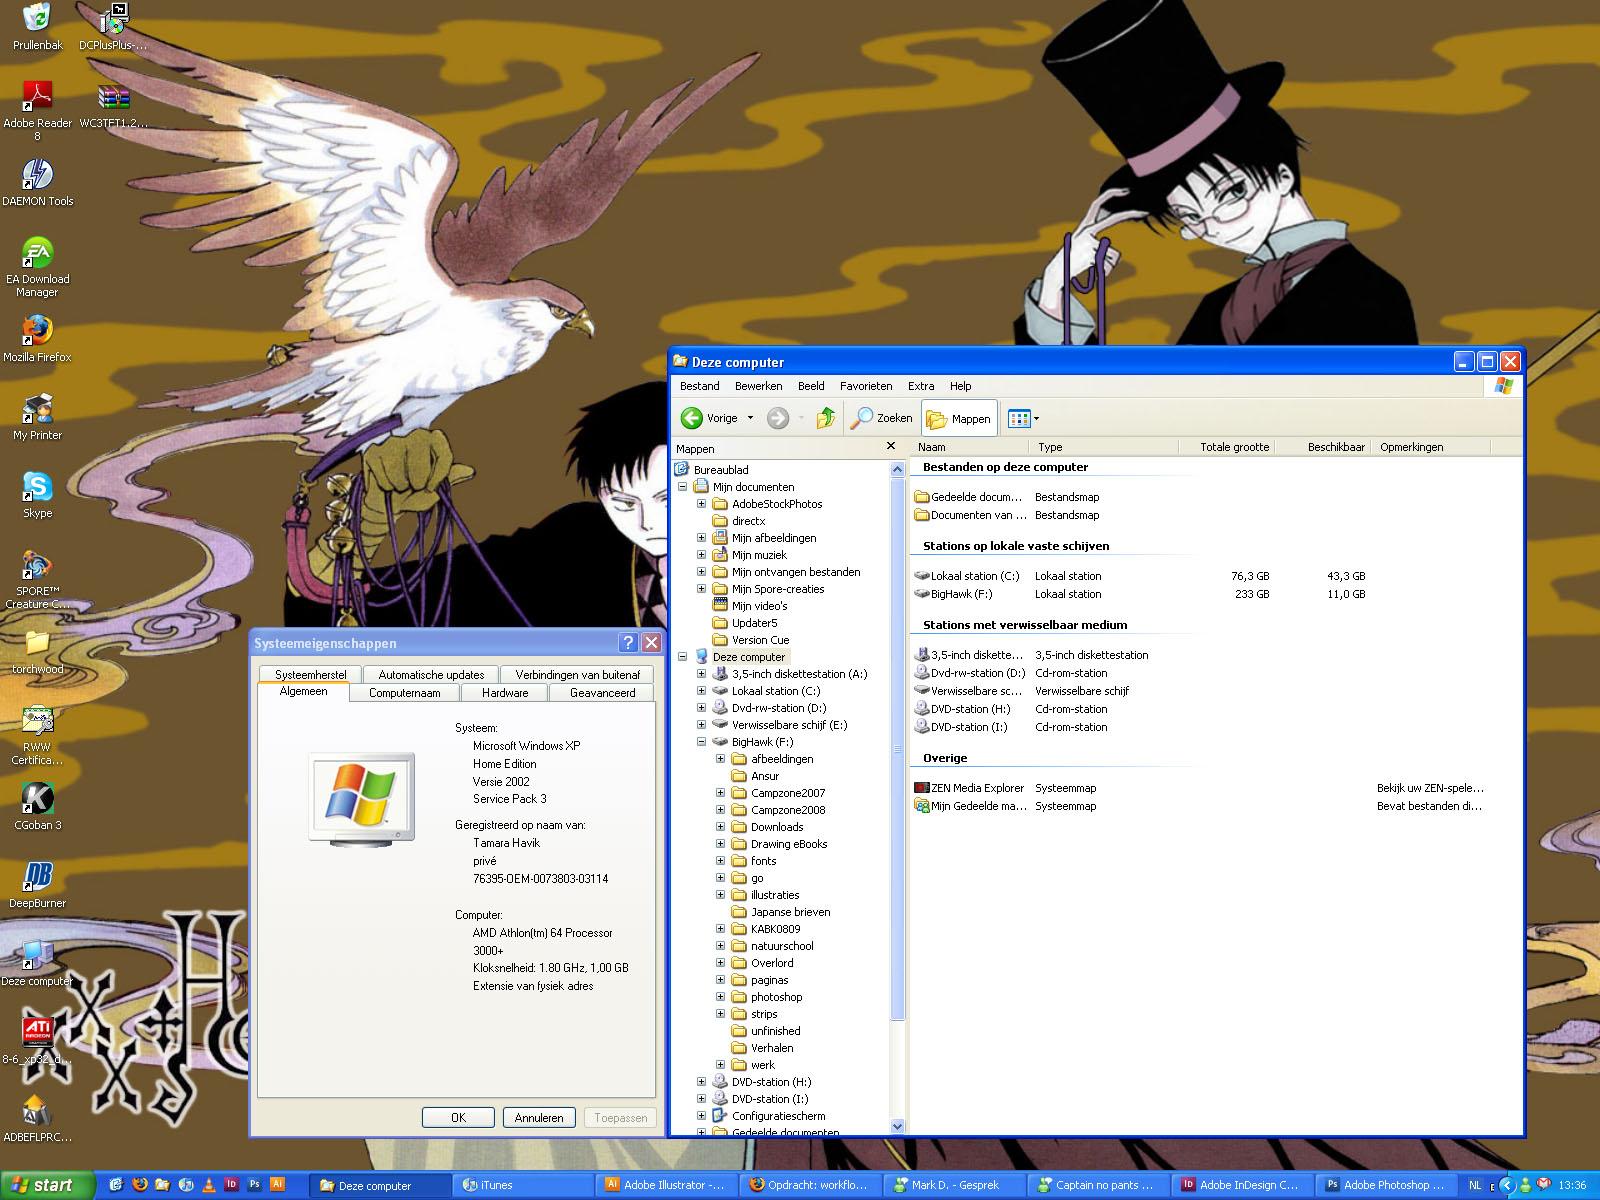 les1_tamara_workflow2.jpg